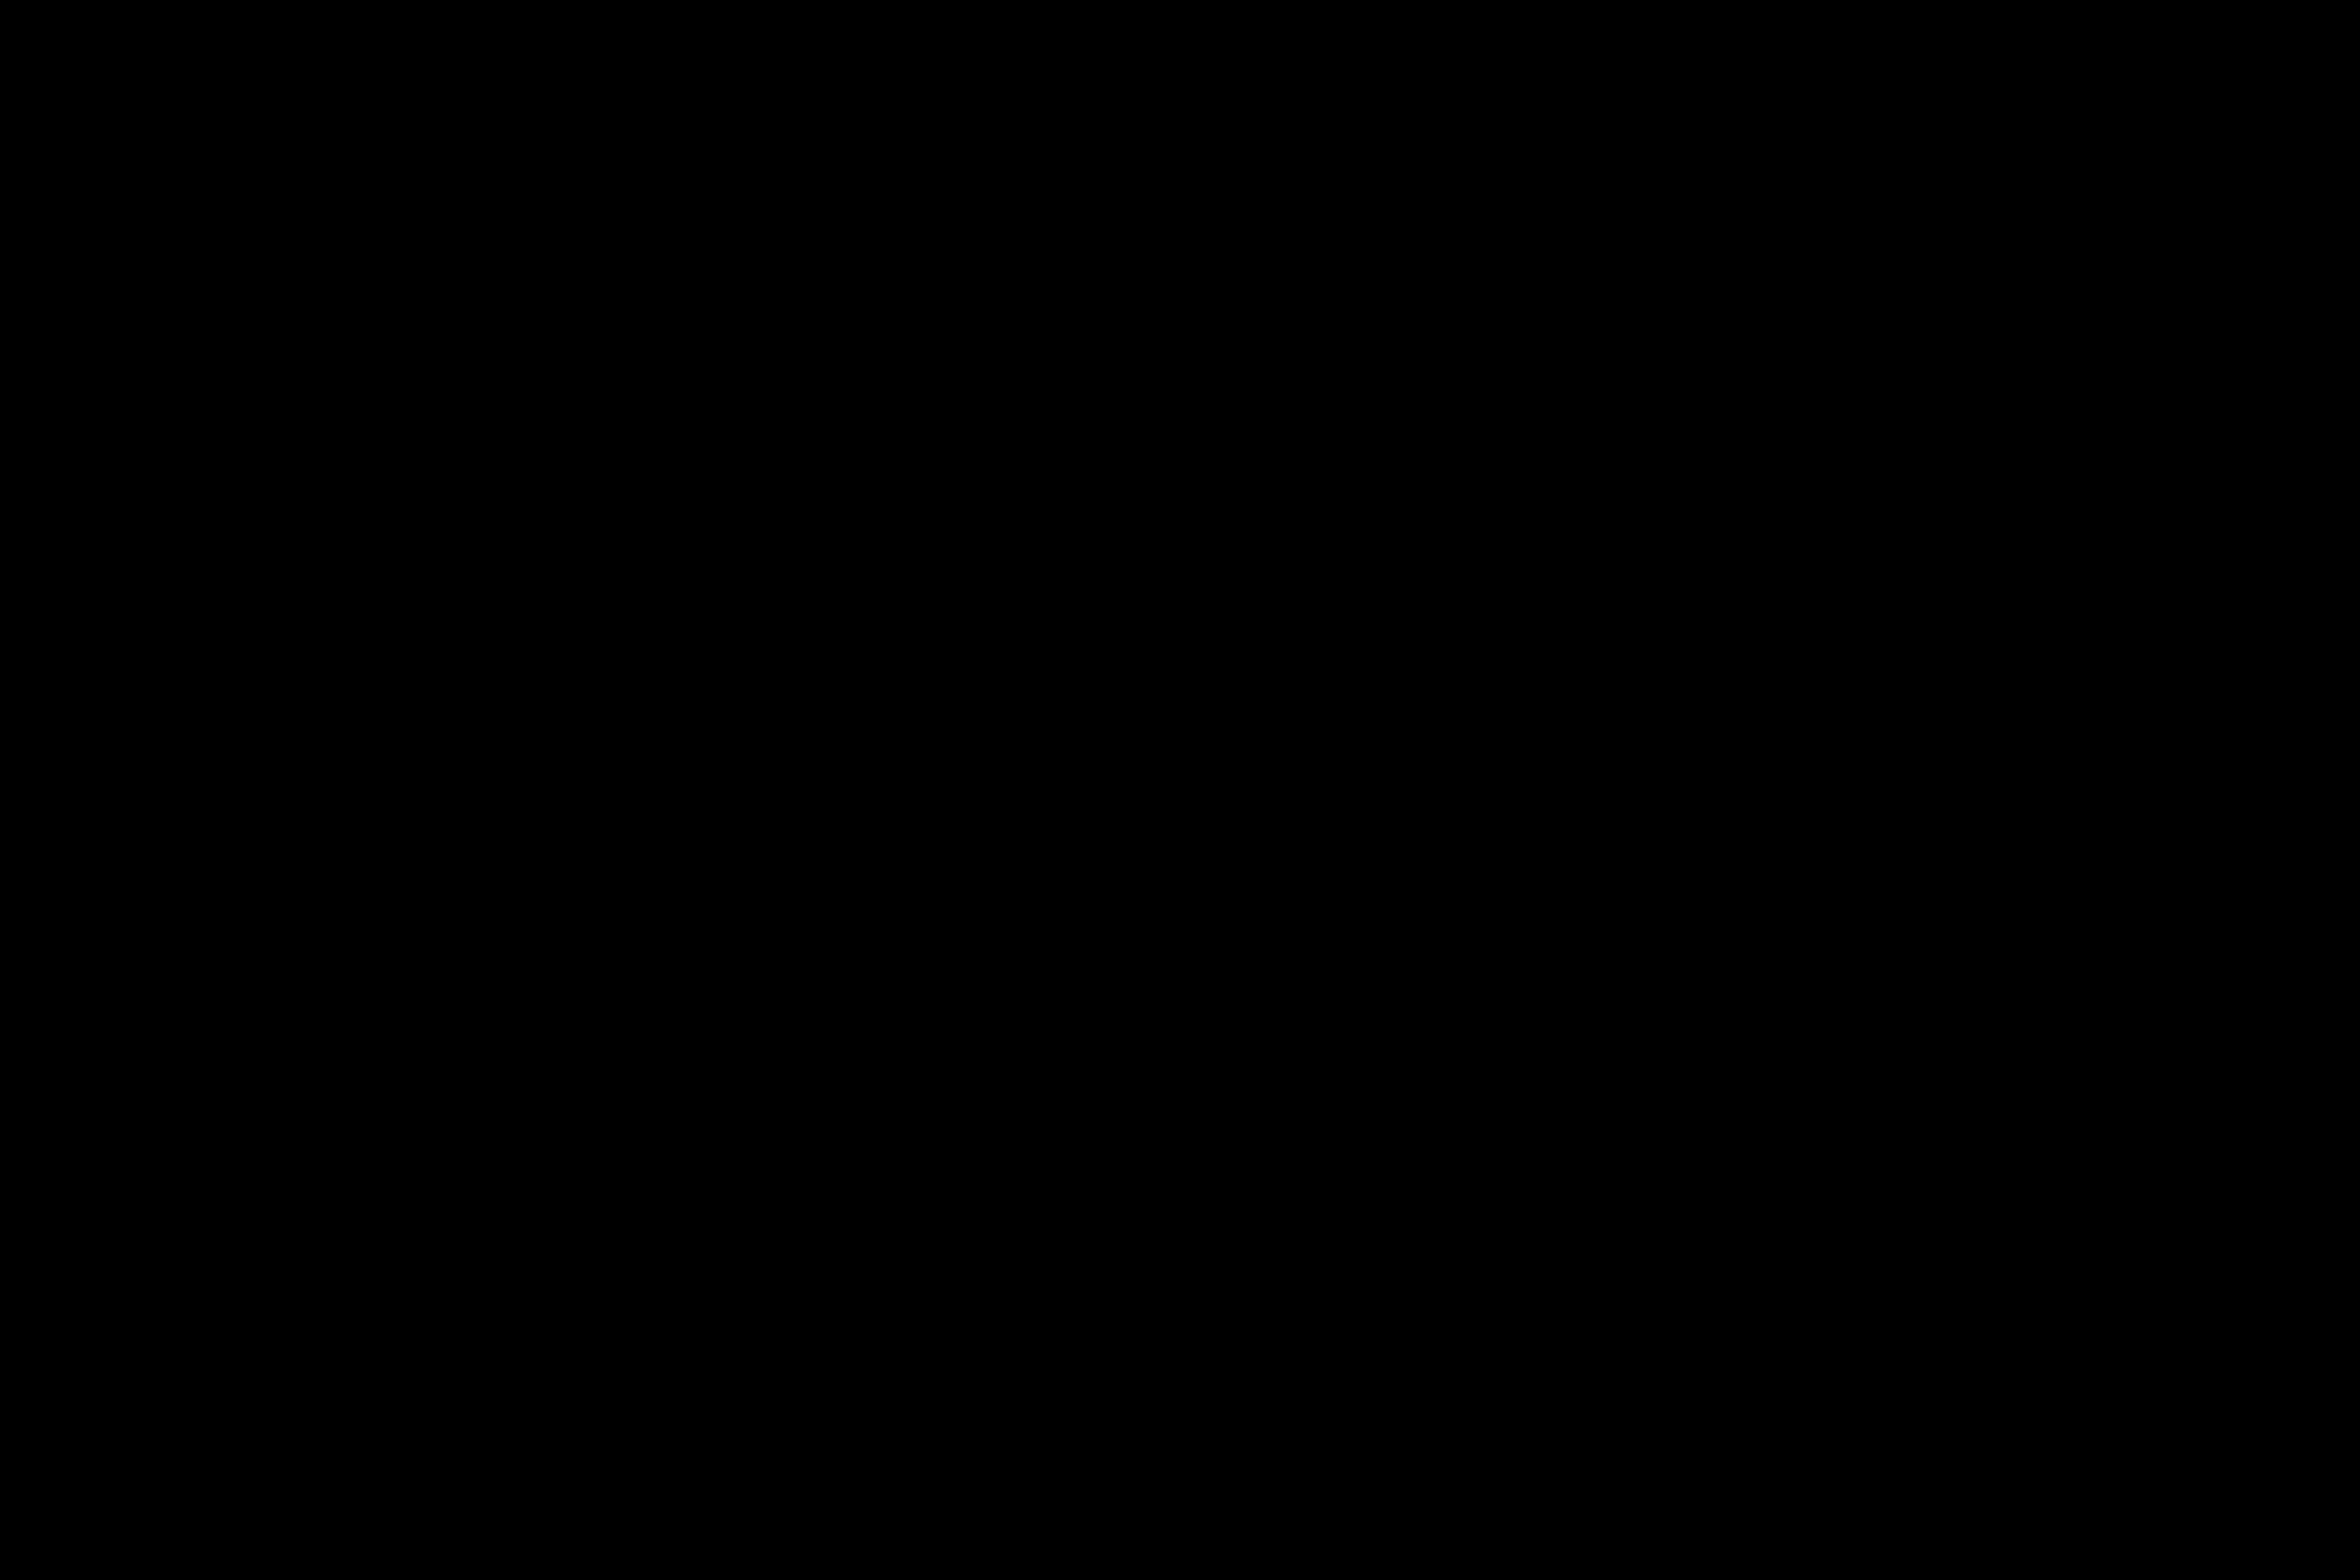 eDelta